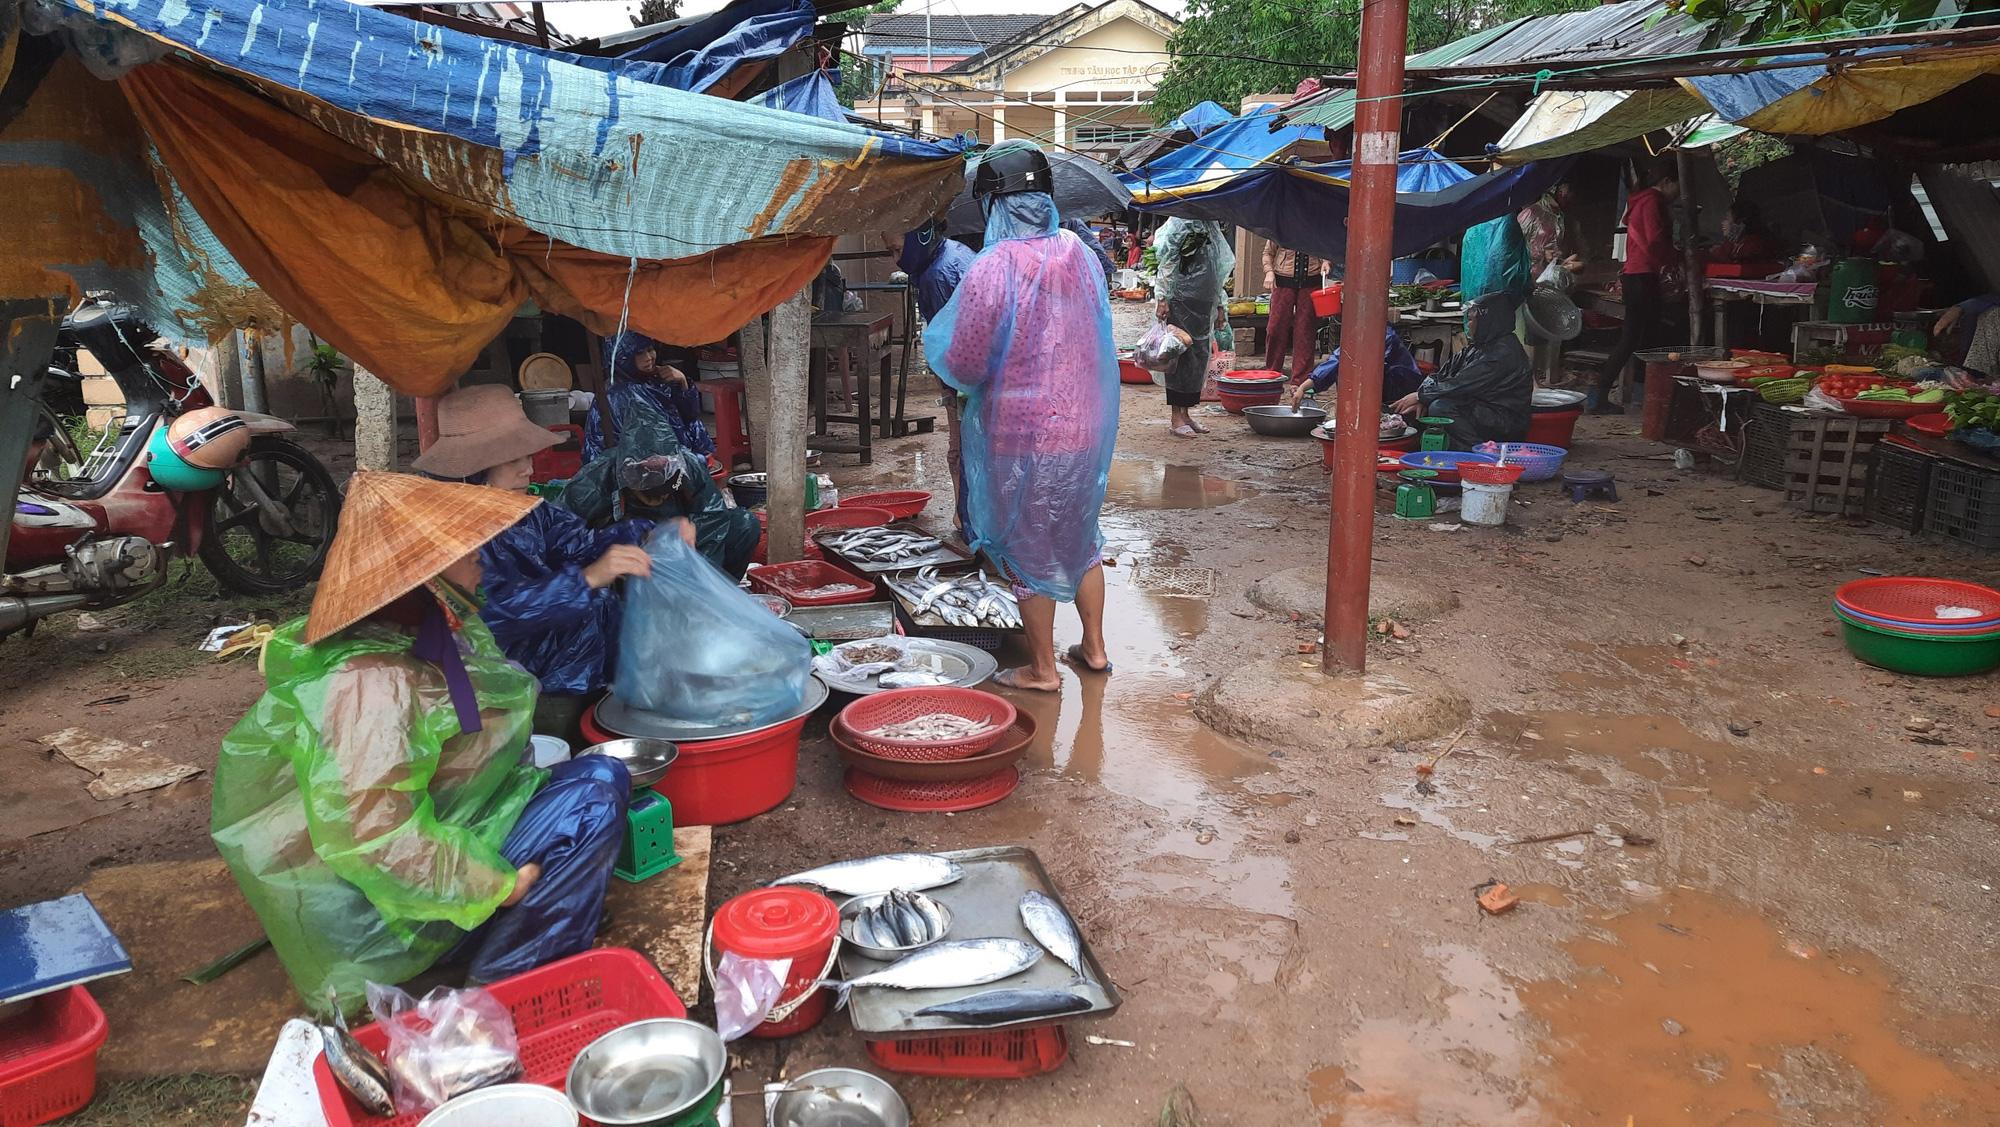 Quảng Trị: Chợ 3,9 tỷ đồng bị bỏ hoang, dân bán ở chợ xép nhếch nhác - Ảnh 3.